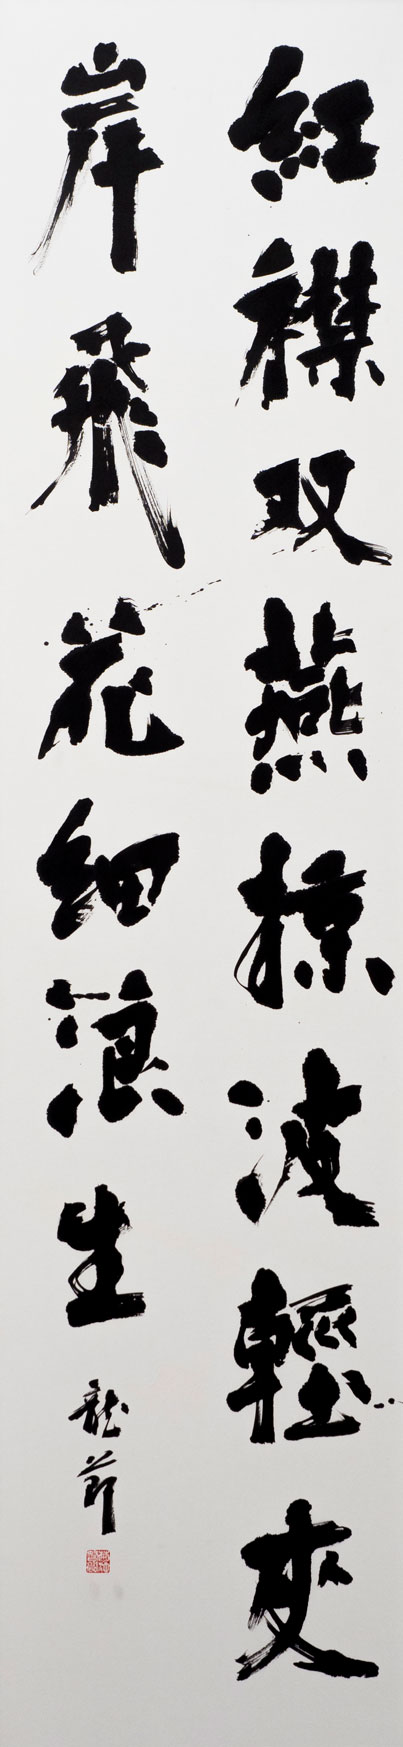 2017-jp-shodo-inspiration-548.jpg